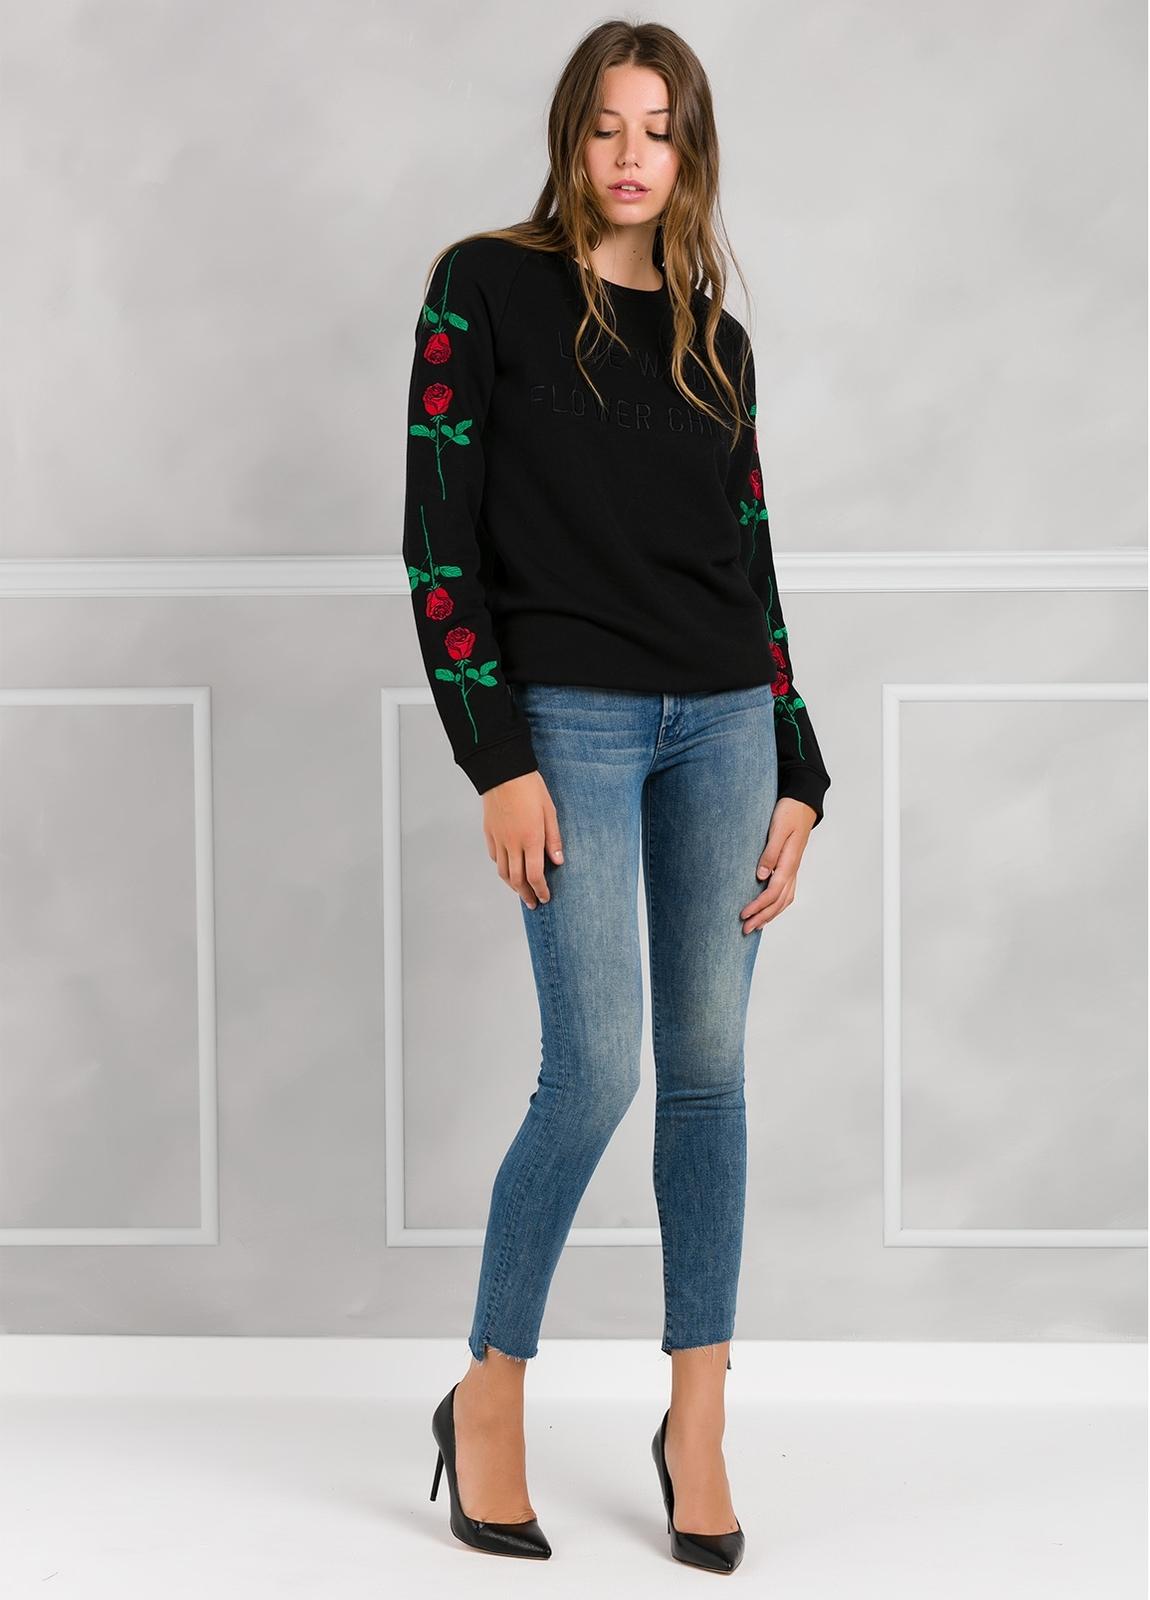 Jersey color negro con rosas bordadas en mangas. 80% Algodón 20% poliester. - Ítem1